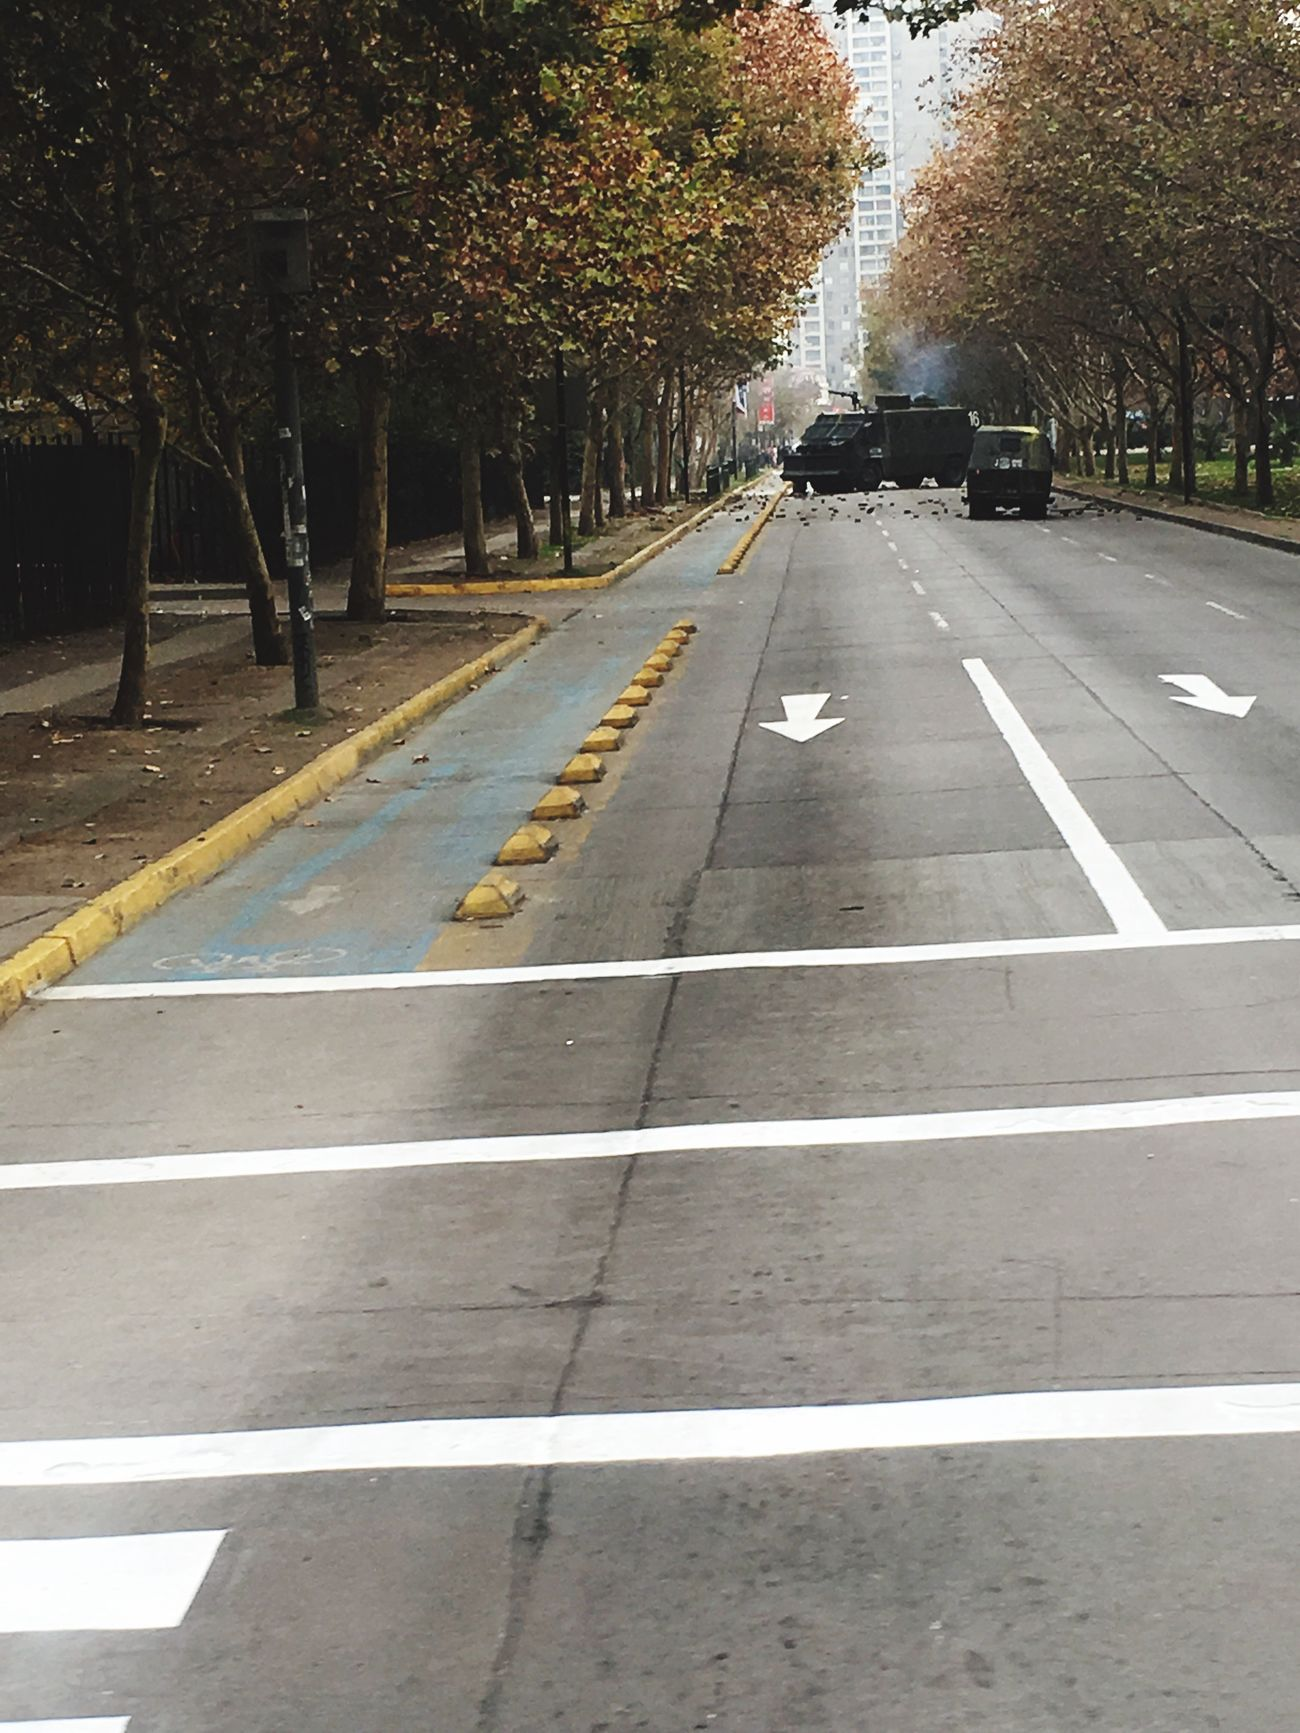 The Photojournalist - 2016 EyeEm Awards Marcha Estudiantil Hoy 26 Mayo 2016 Derechos Del Estudiante Santiago De Chile Desorden Protesta